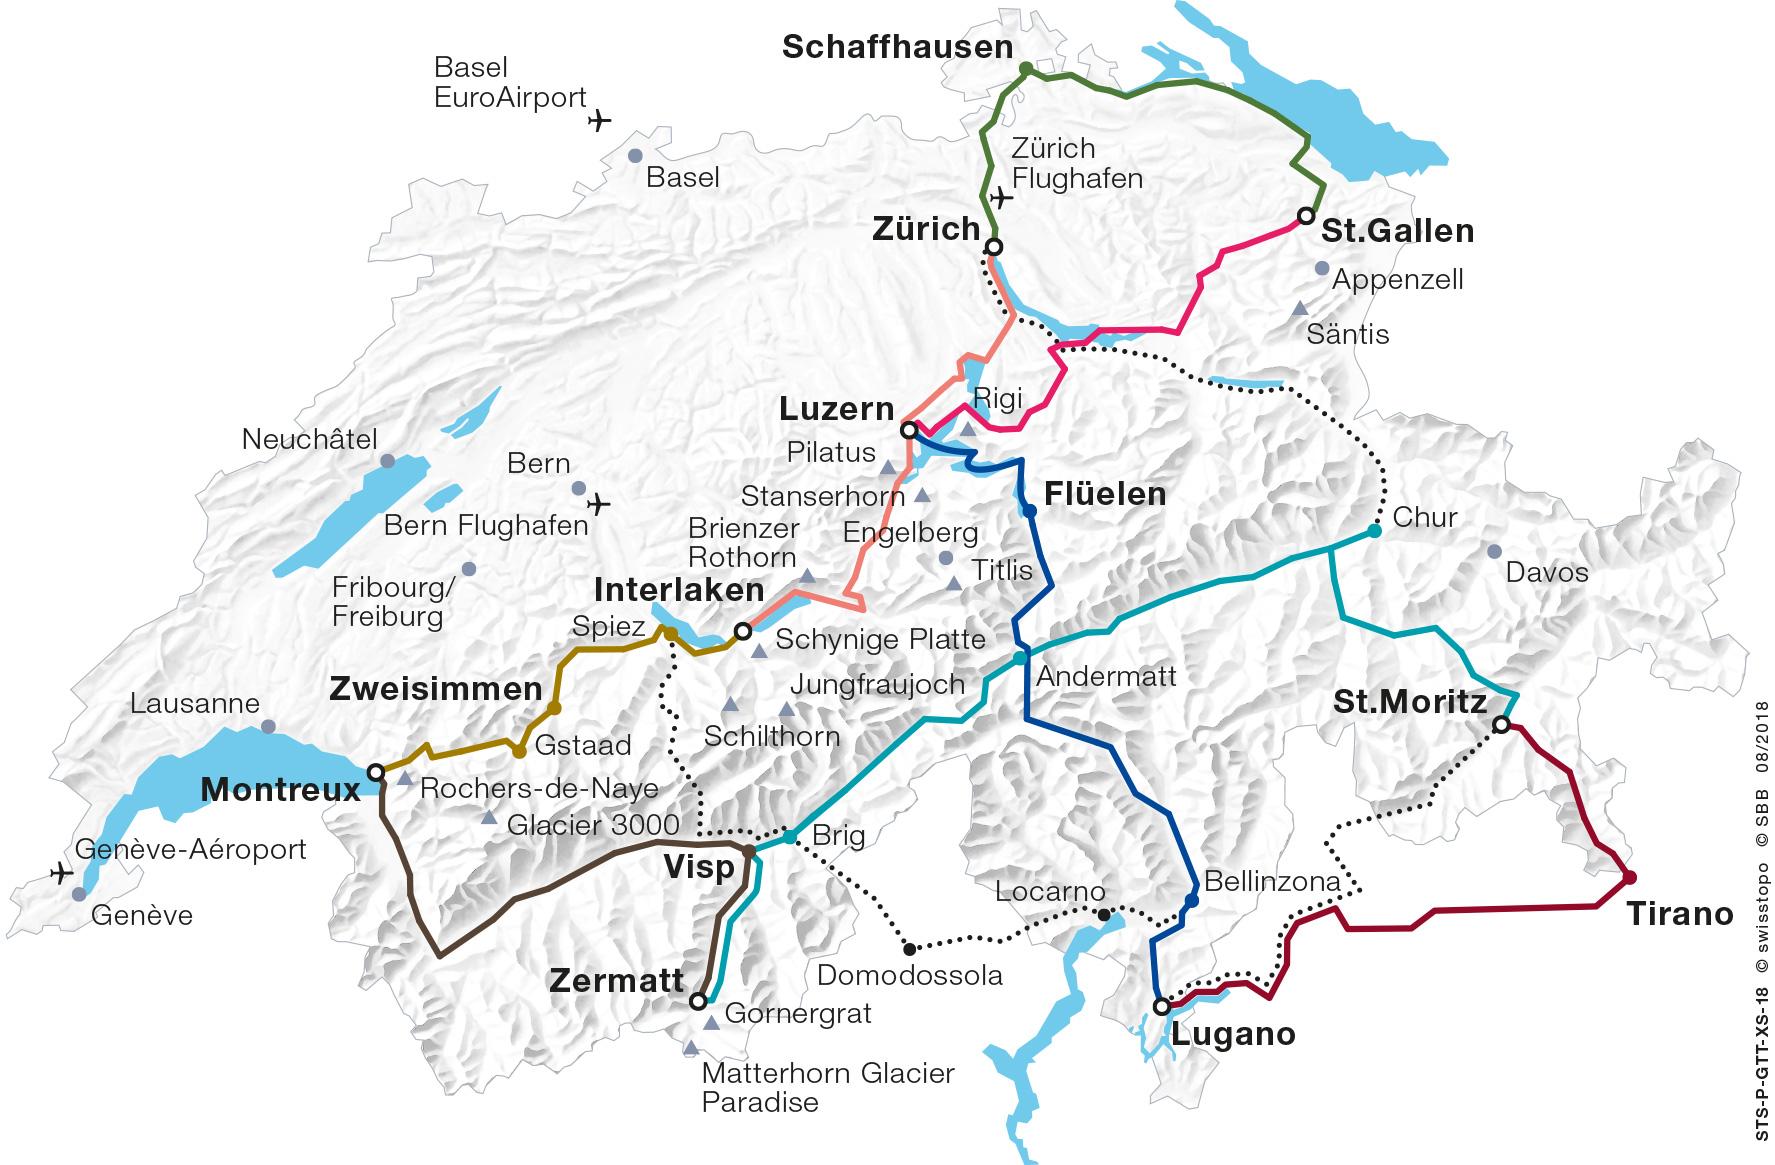 Grand Train Tour of Switzerland Map 2019